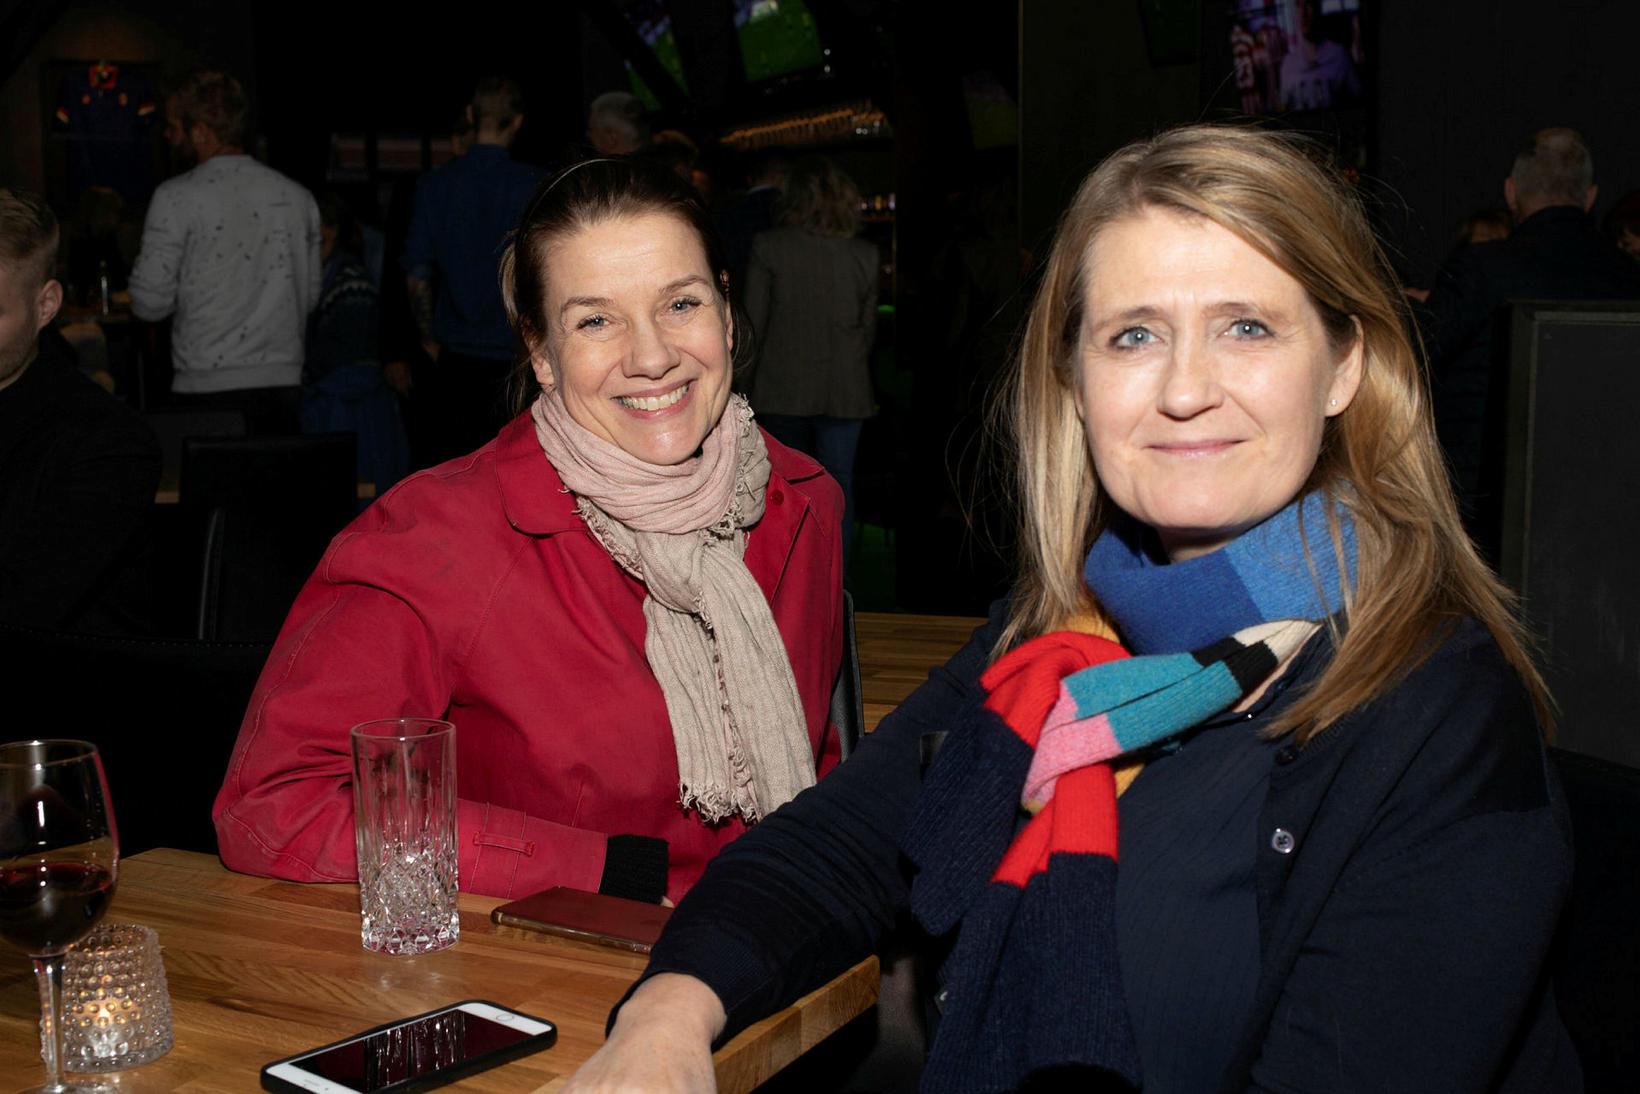 Ástríður Þórðardóttir og Anna Margrét Marinósdóttir.